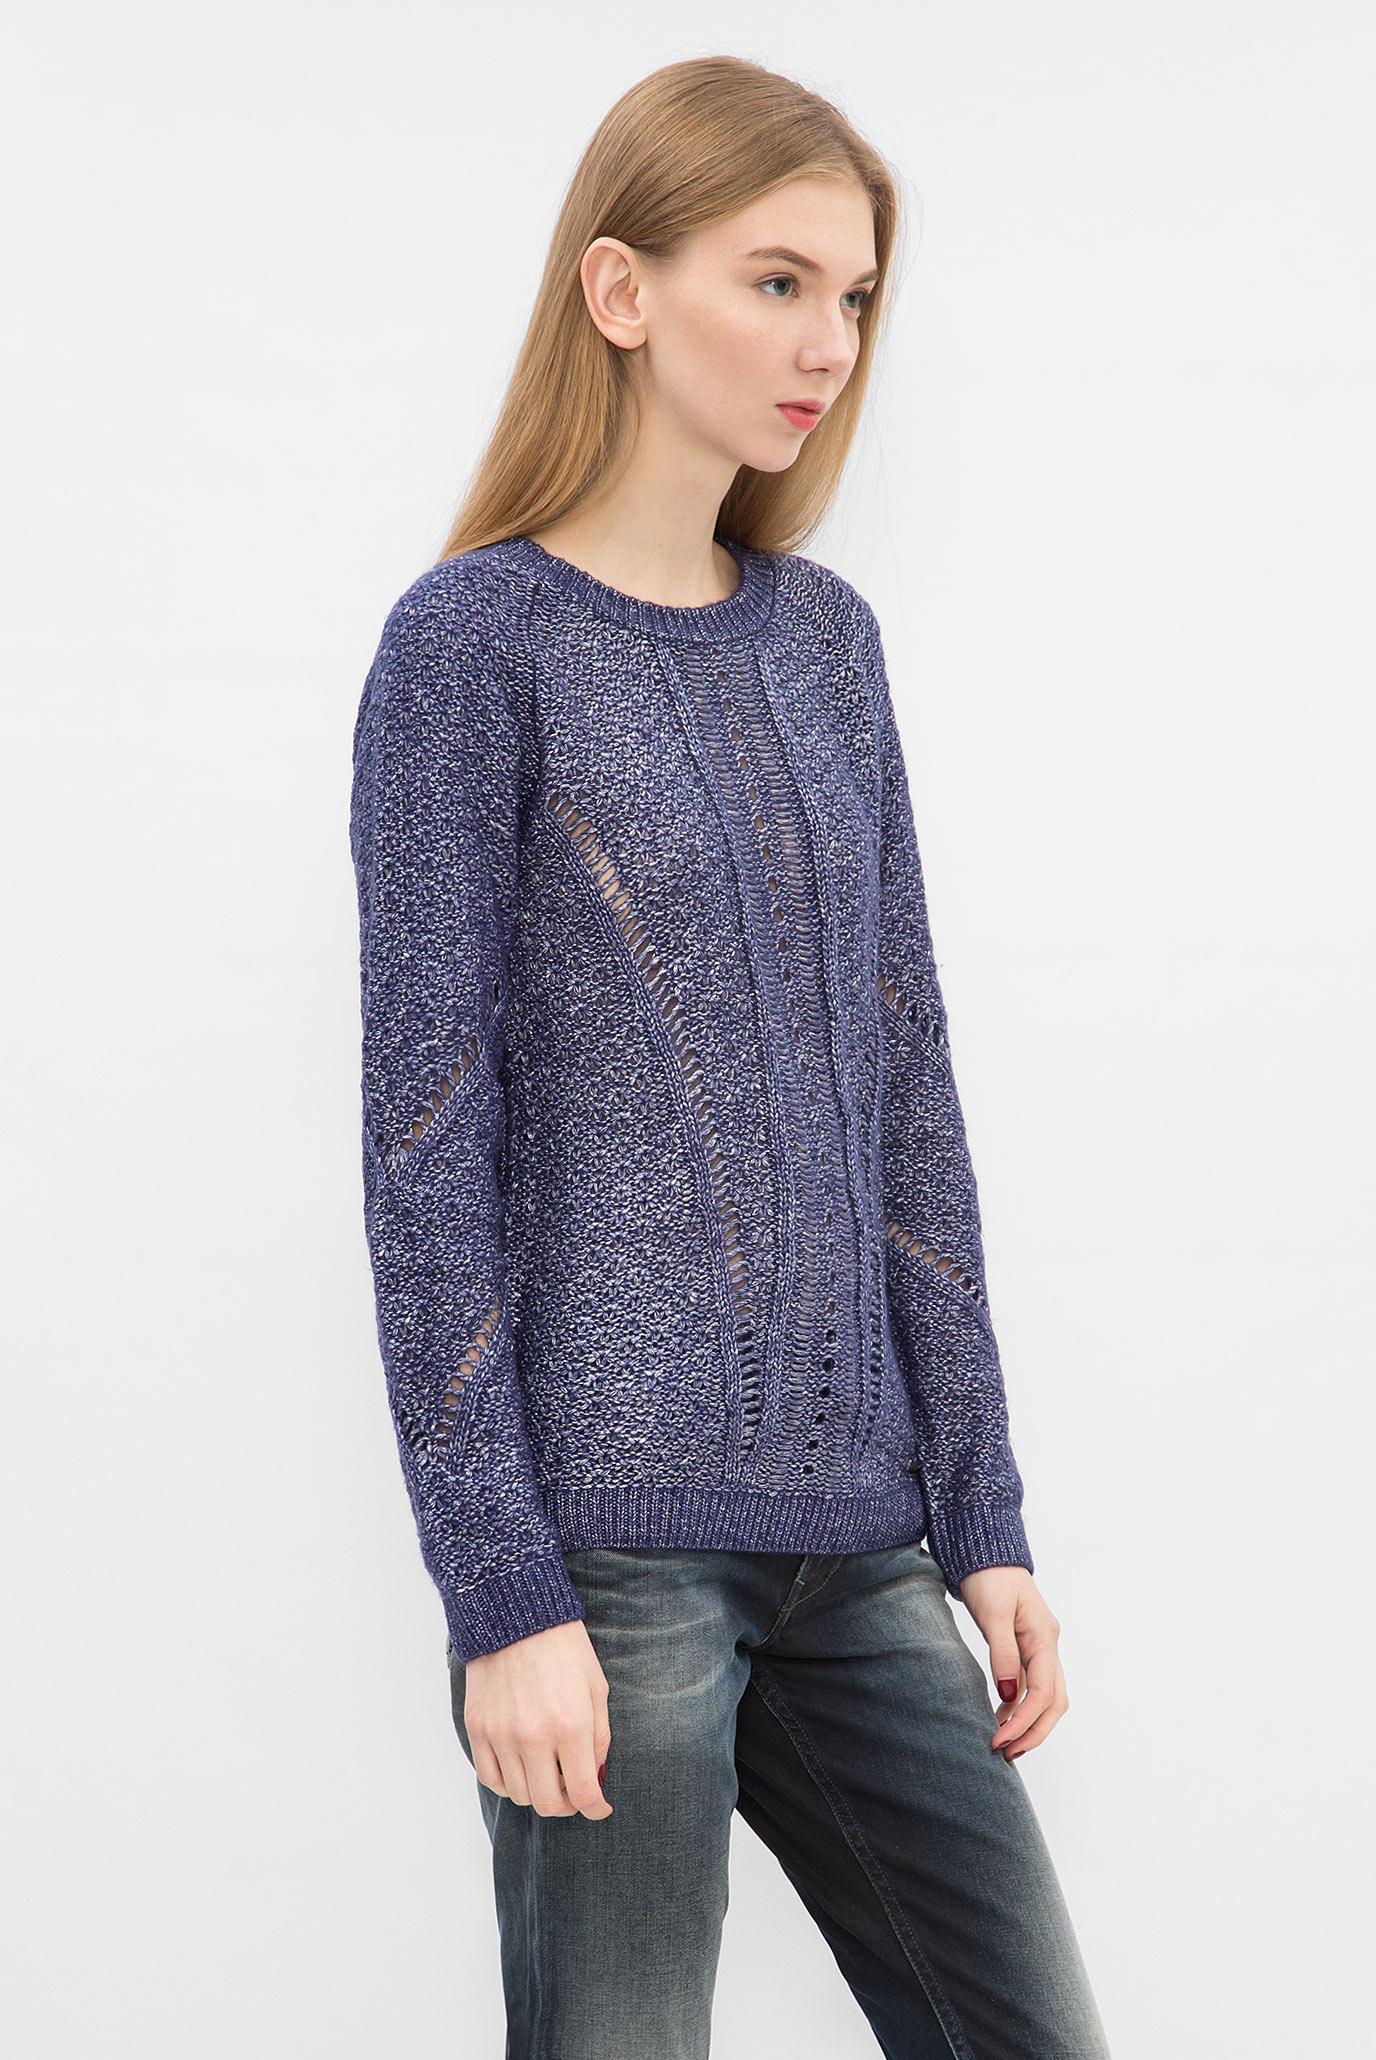 Купить Женский синий свитер Pepe Jeans Pepe Jeans PL700900 – Киев, Украина. Цены в интернет магазине MD Fashion